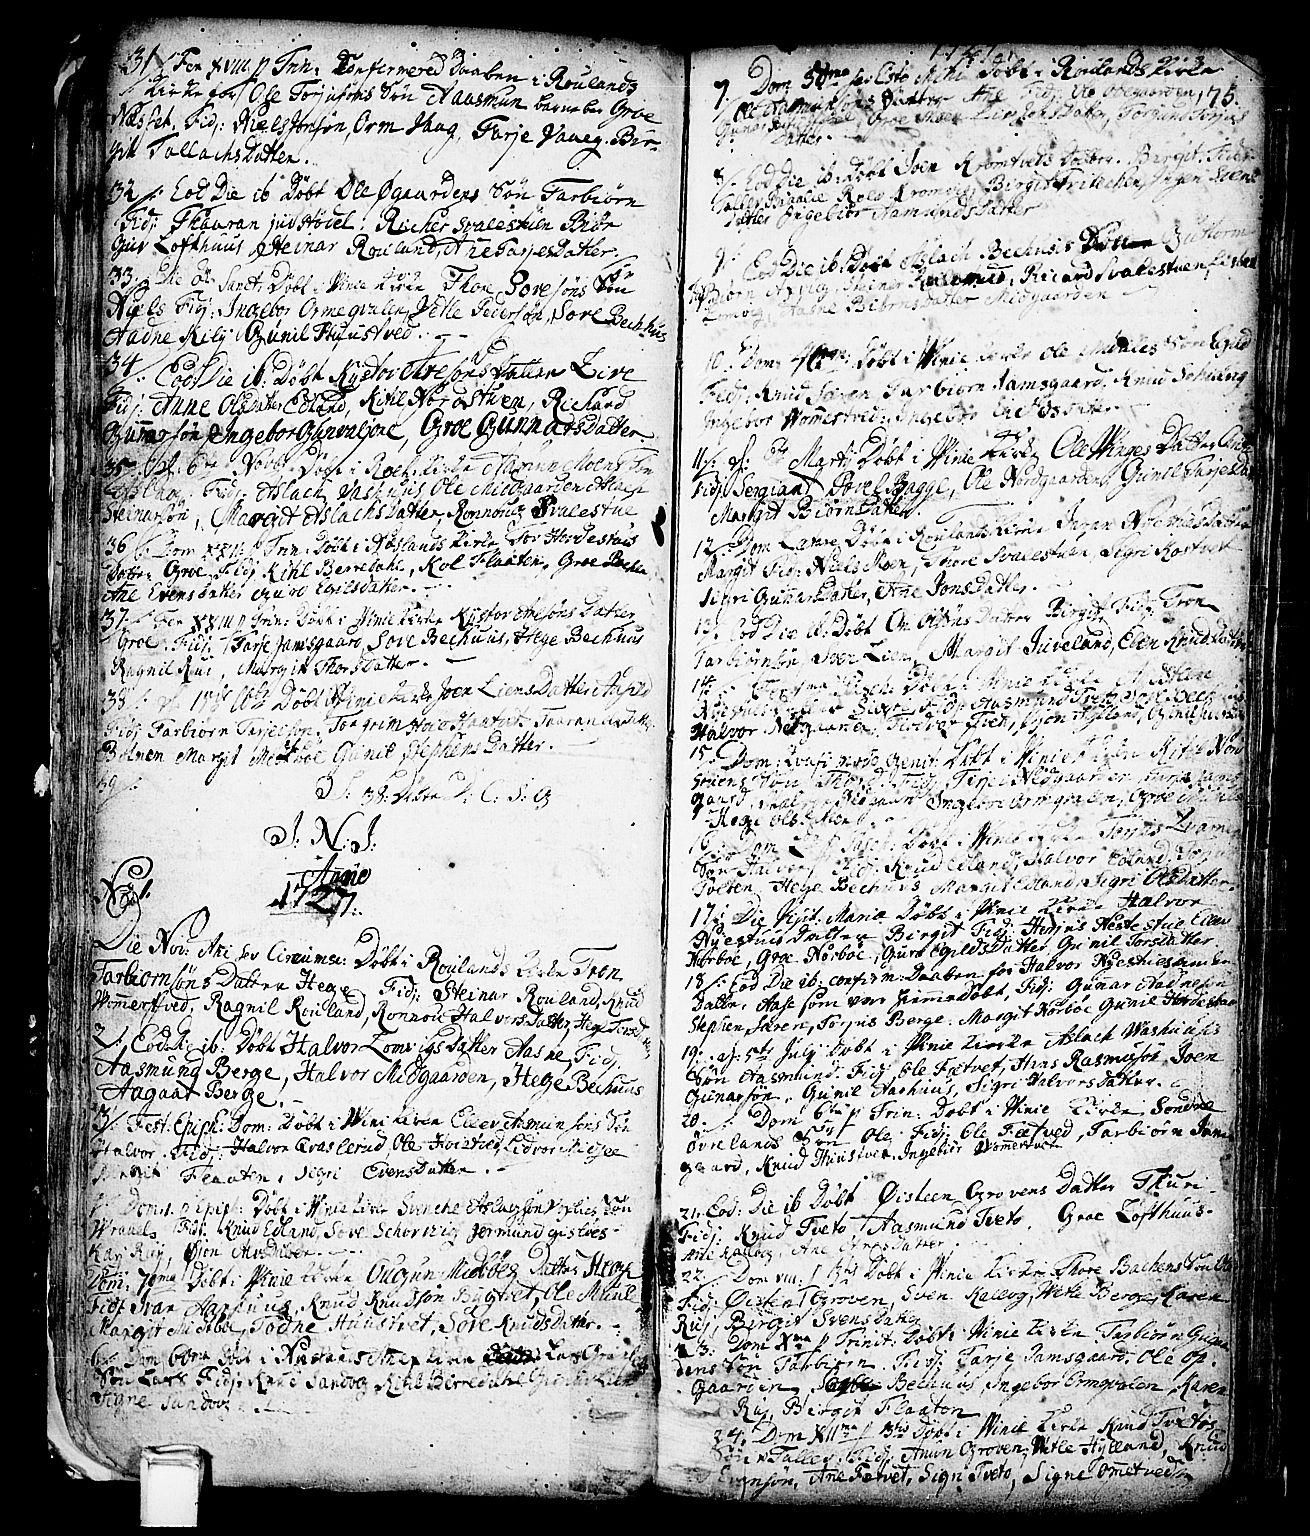 SAKO, Vinje kirkebøker, F/Fa/L0001: Ministerialbok nr. I 1, 1717-1766, s. 75